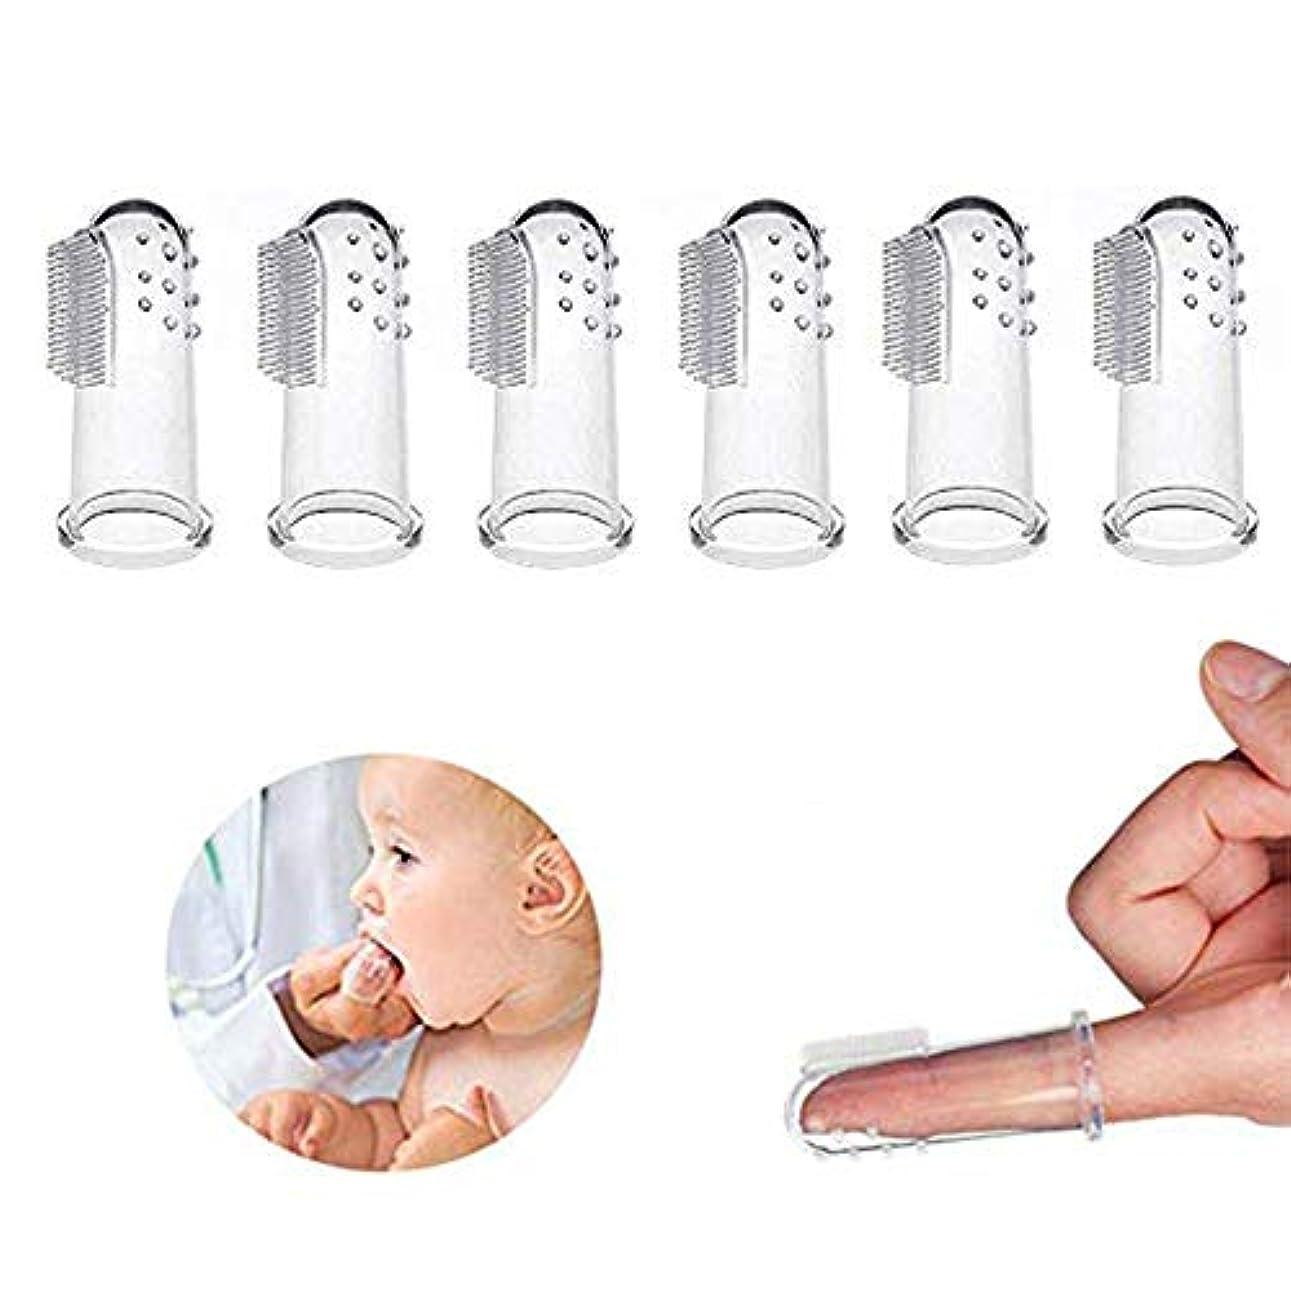 たまにガチョウ社会主義者幼児歯ブラシ ベビー指歯ブラシ 指歯ブラシ 乳歯清潔 口腔ケア ケース付き ベビーフィンガーブラ 乳児幼児子供用シリコーンソフトオーラルマッサージャージェントルケア 6本セット (ホワイト)